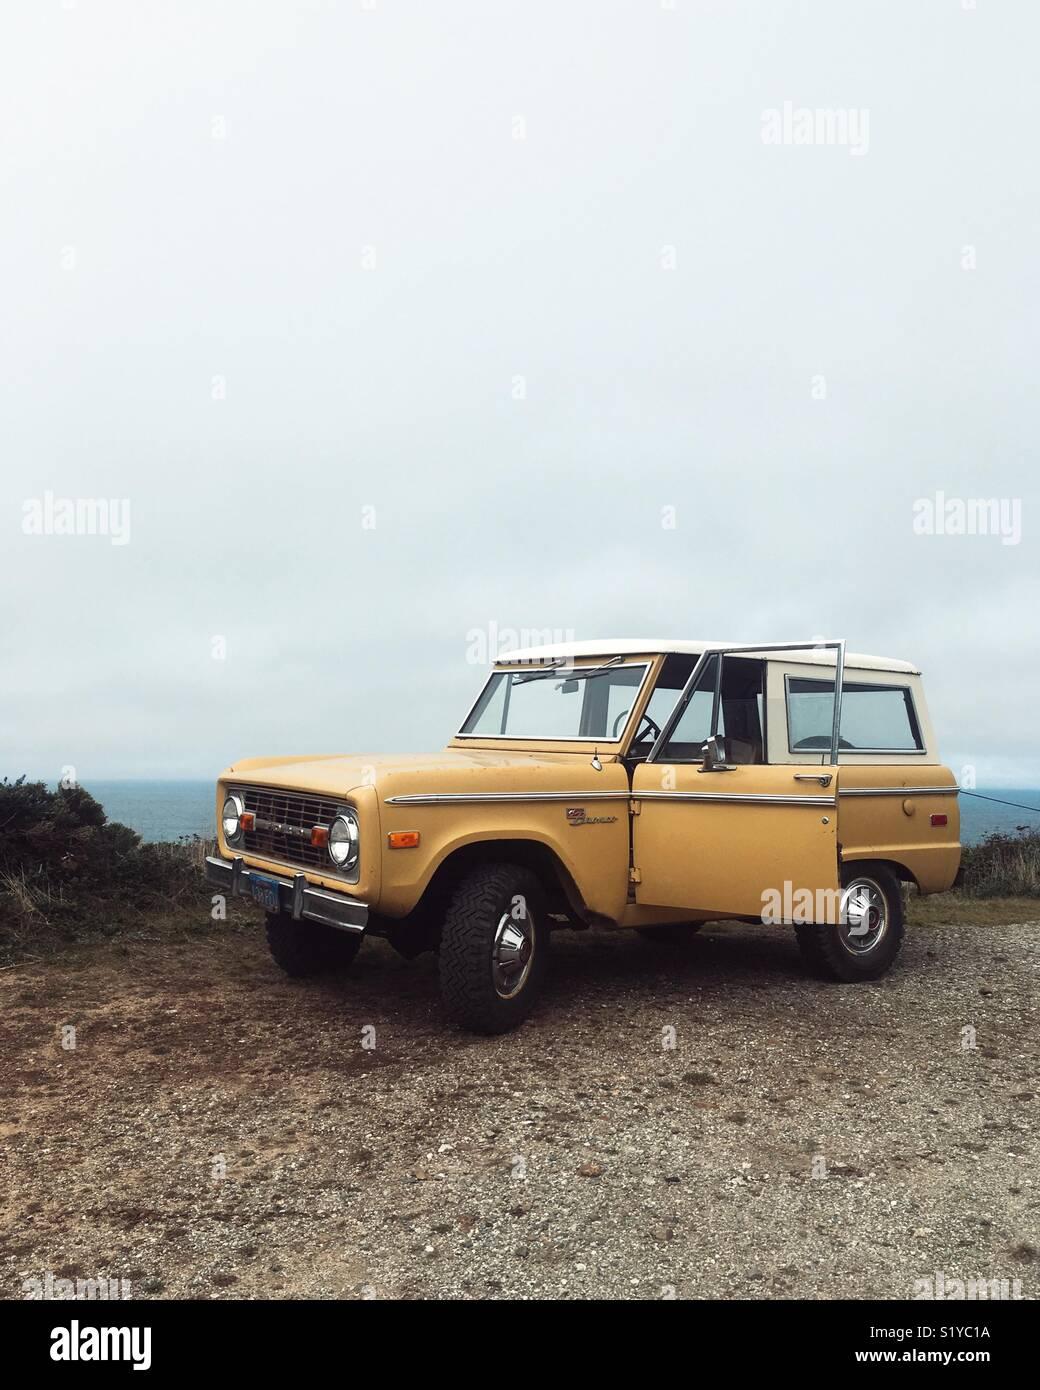 Un vintage Ford Bronco presso la costa della California. Immagini Stock